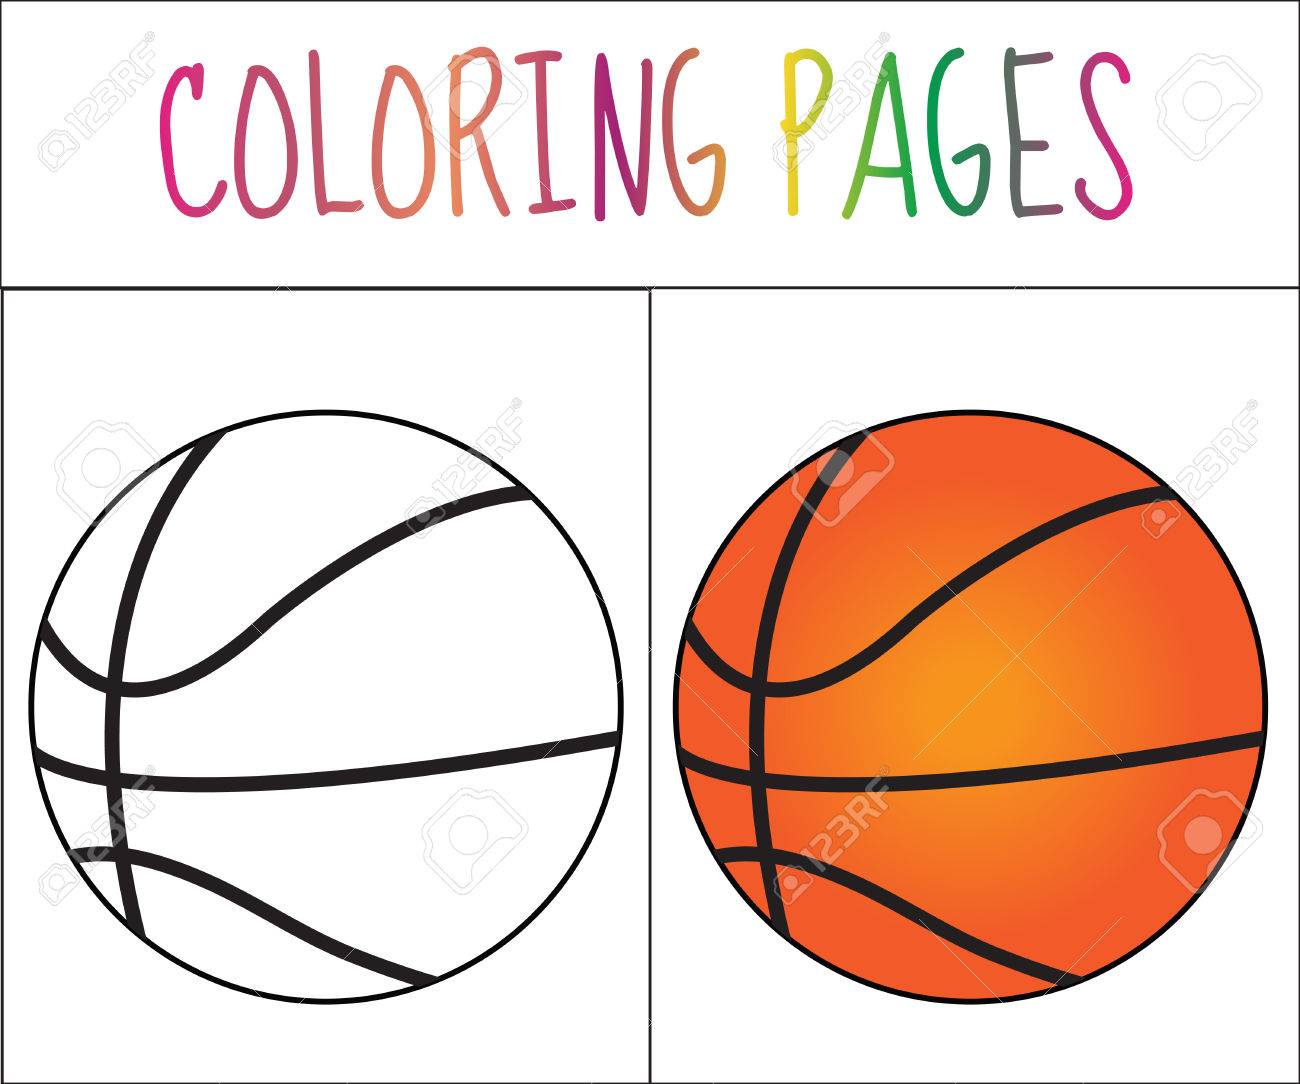 Libro De Colorear Pelota De Baloncesto Croquis Y Versión En Color Dibujos Para Colorear Para Niños Ilustración Vectorial